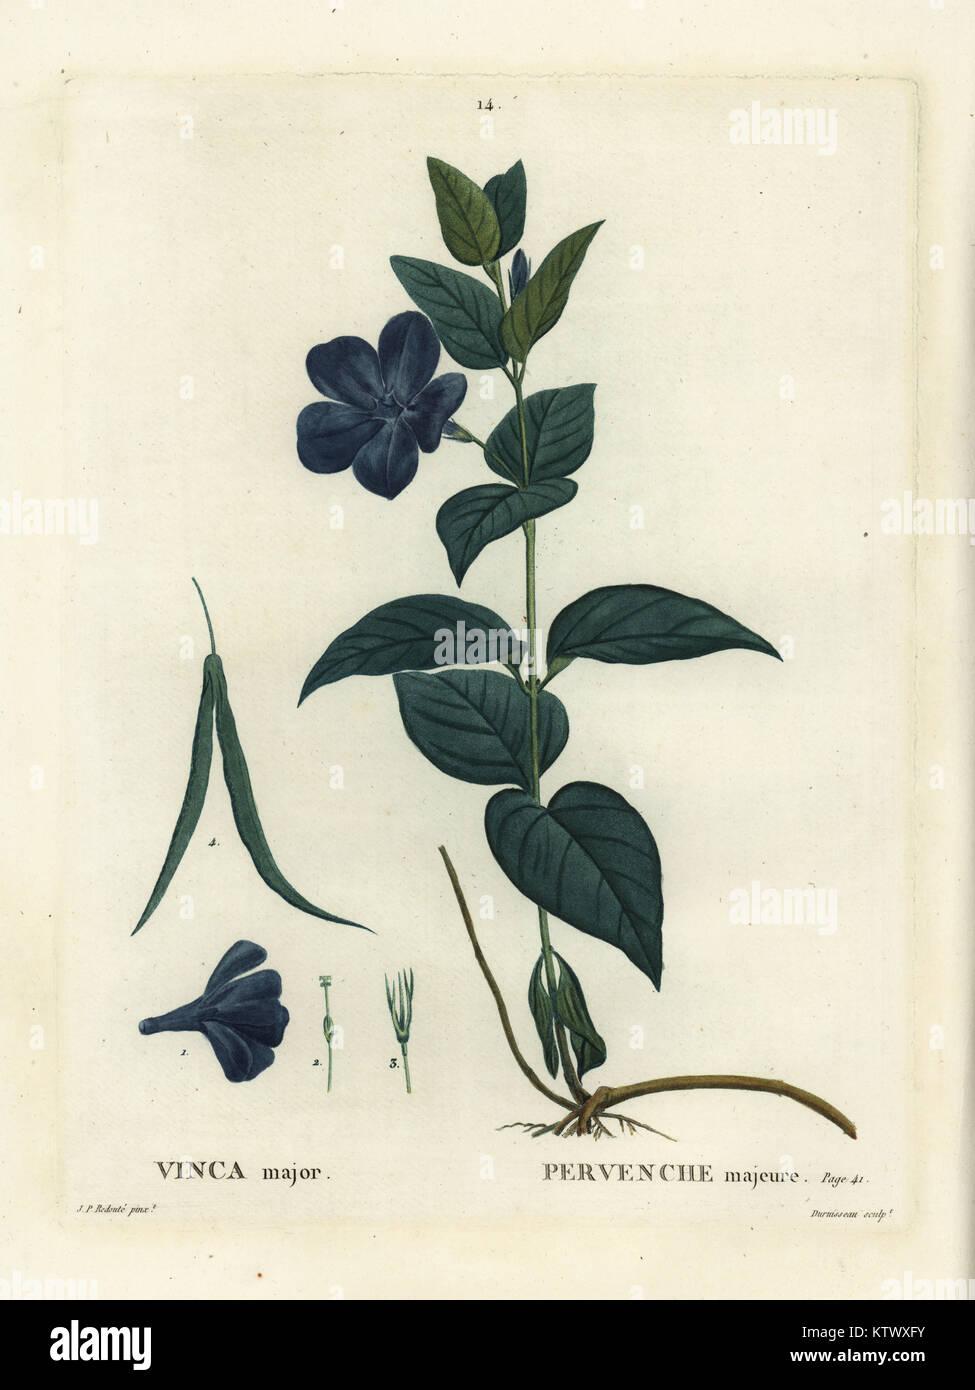 Bigleaf periwinkle, large periwinkle or blue periwinkle, Vinca major. Handcoloured stipple engraving by Duruisseau Stock Photo